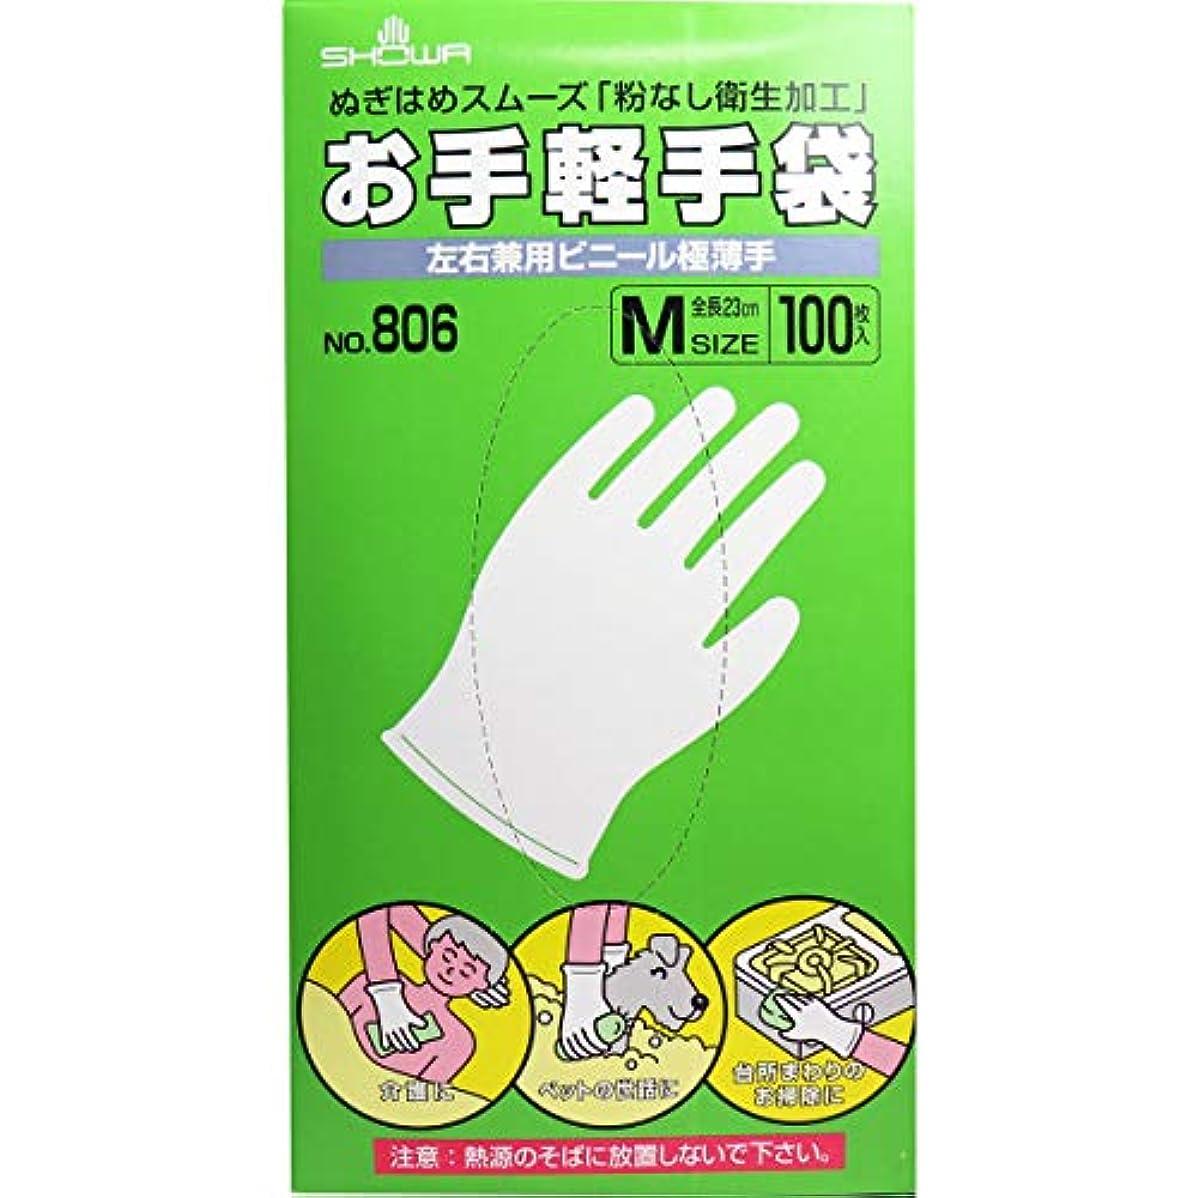 美容師消えるワームお手軽手袋 No.806 左右兼用ビニール極薄手 粉なし Mサイズ 100枚入×2個セット